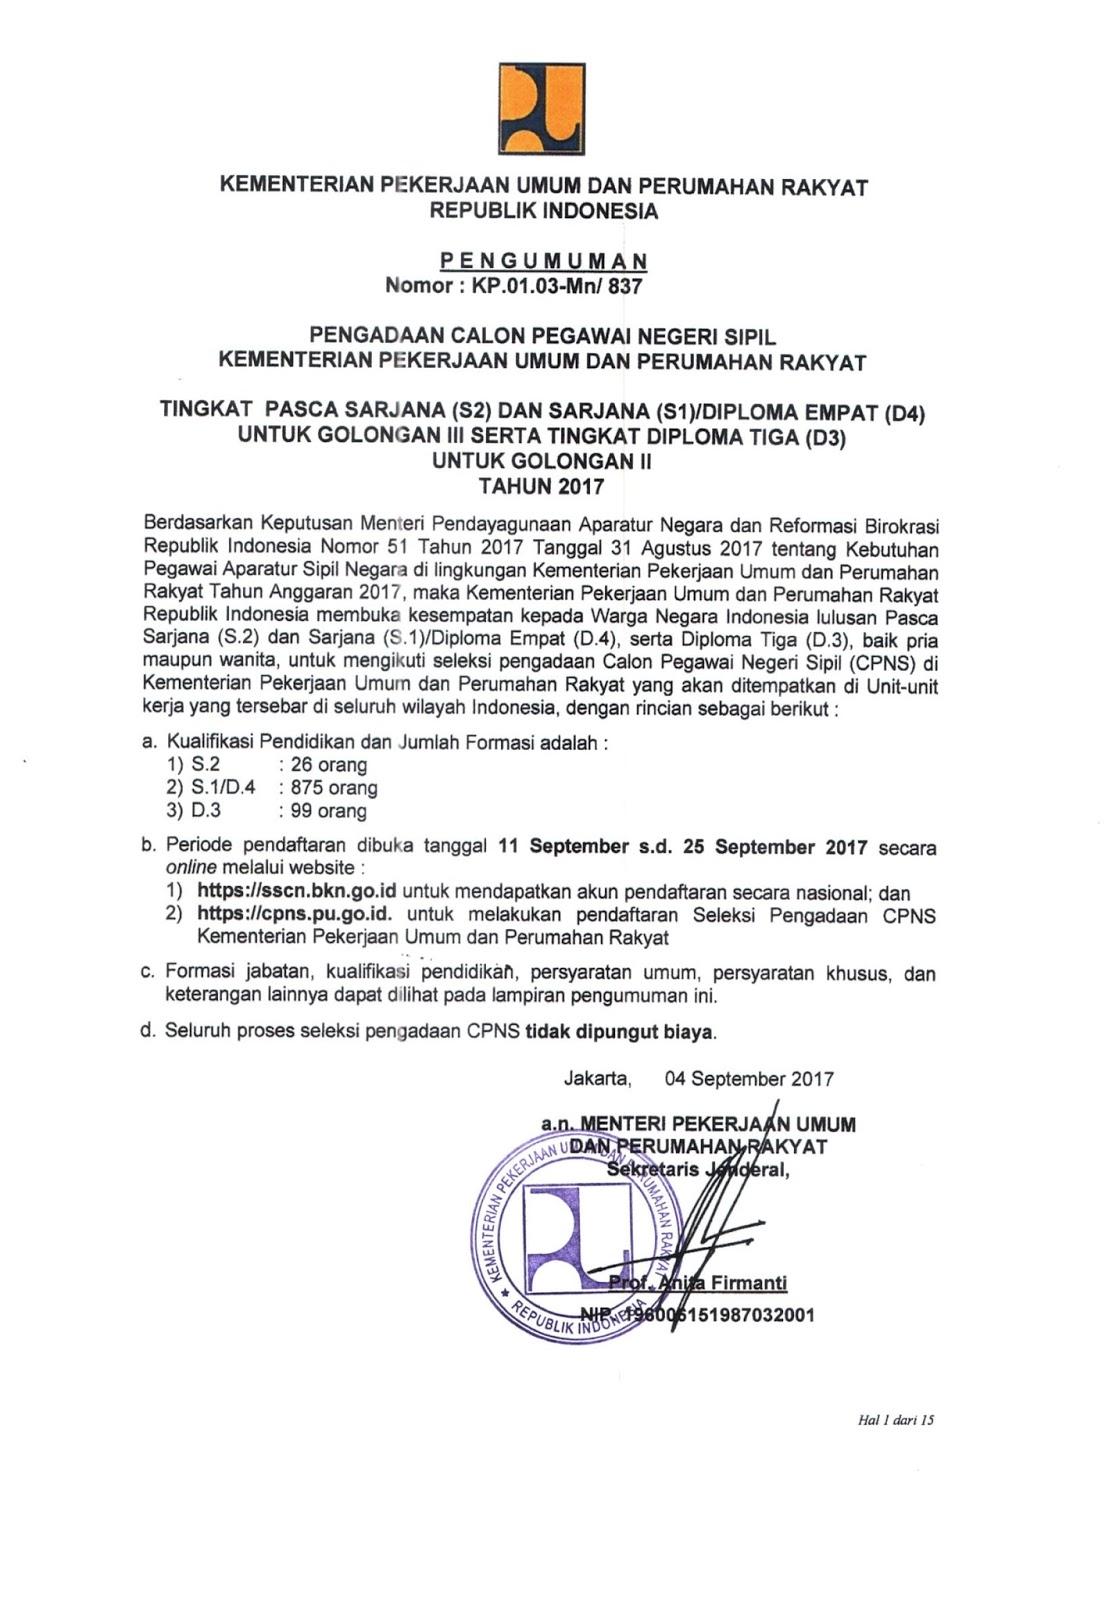 Lowongan CPNS Kementerian Pekerjaan Umum dan Perumahan Rakyat Tingkat D3 S1 S2 [1000 Formasi]